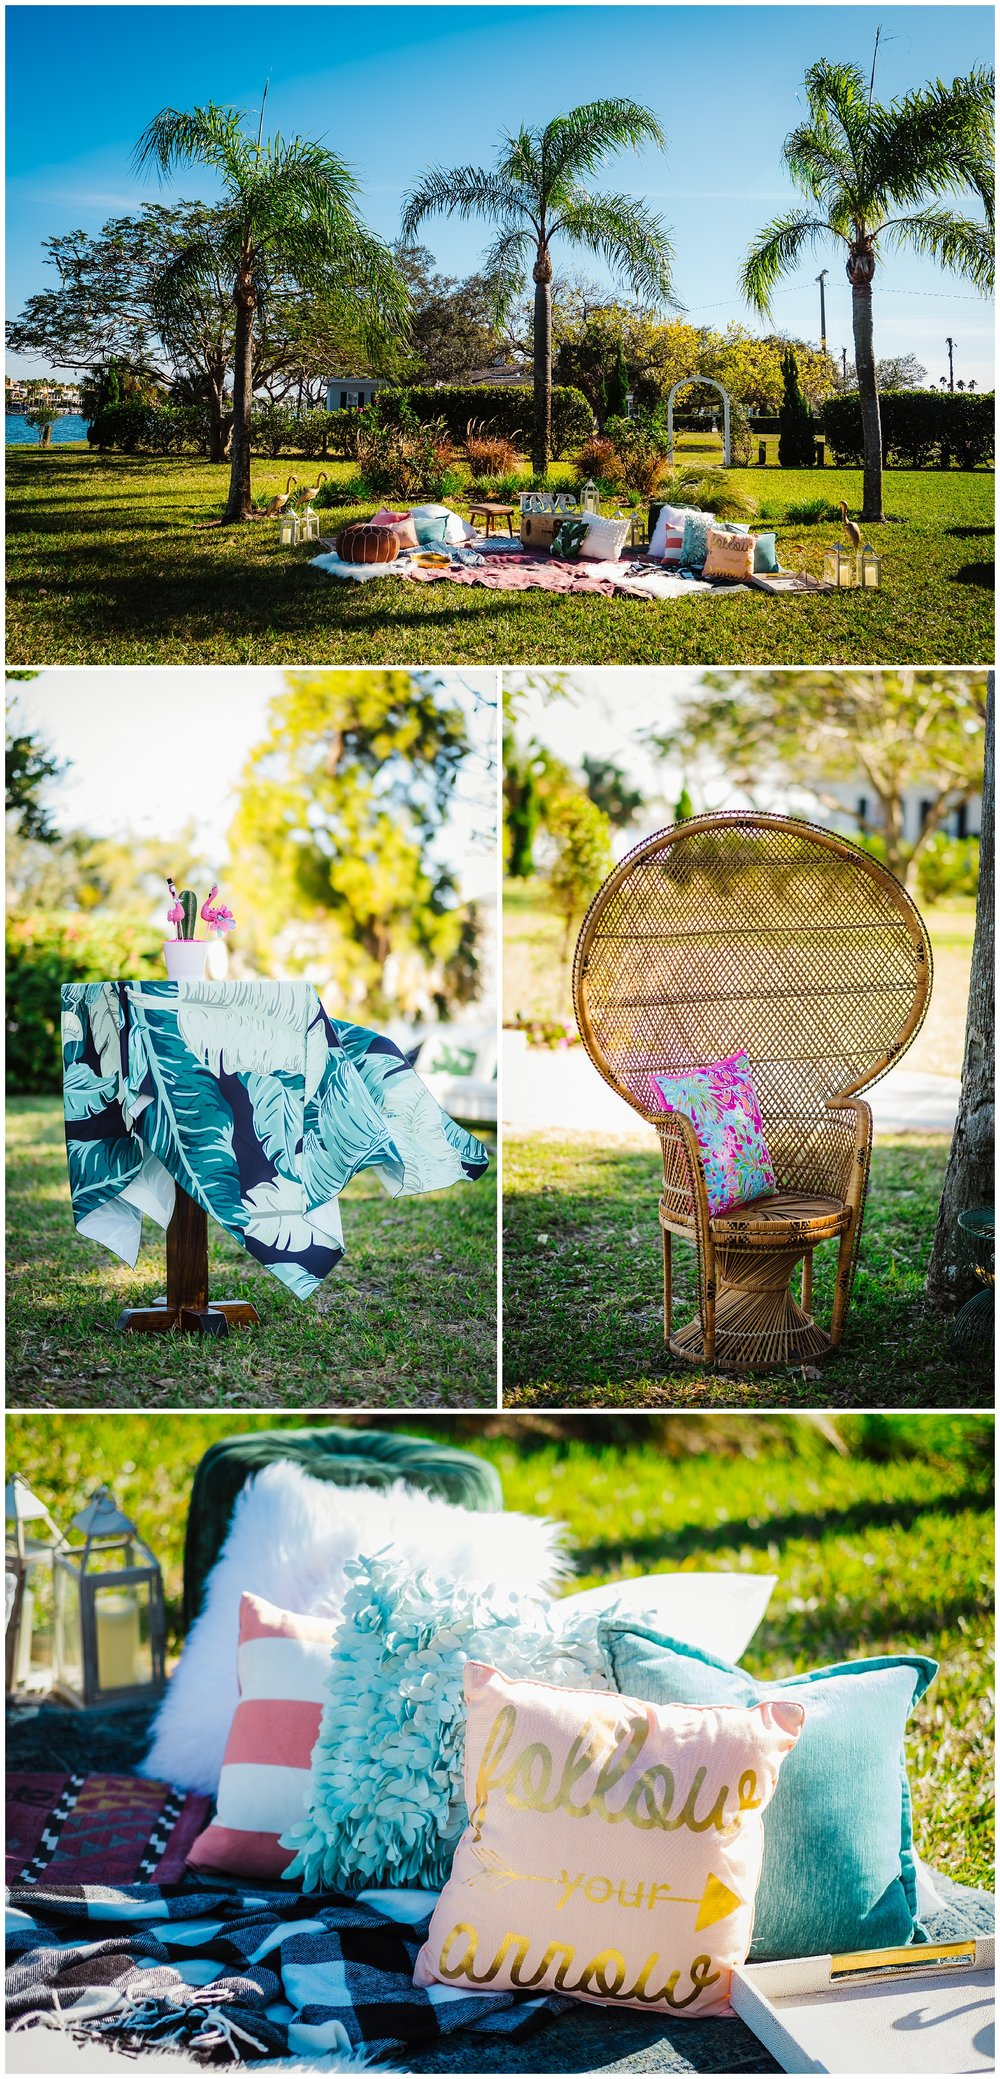 tampa-wedding-photographer-davis-island-flamingo-garden-alexander-mcqueen-non-traditional_0027.jpg